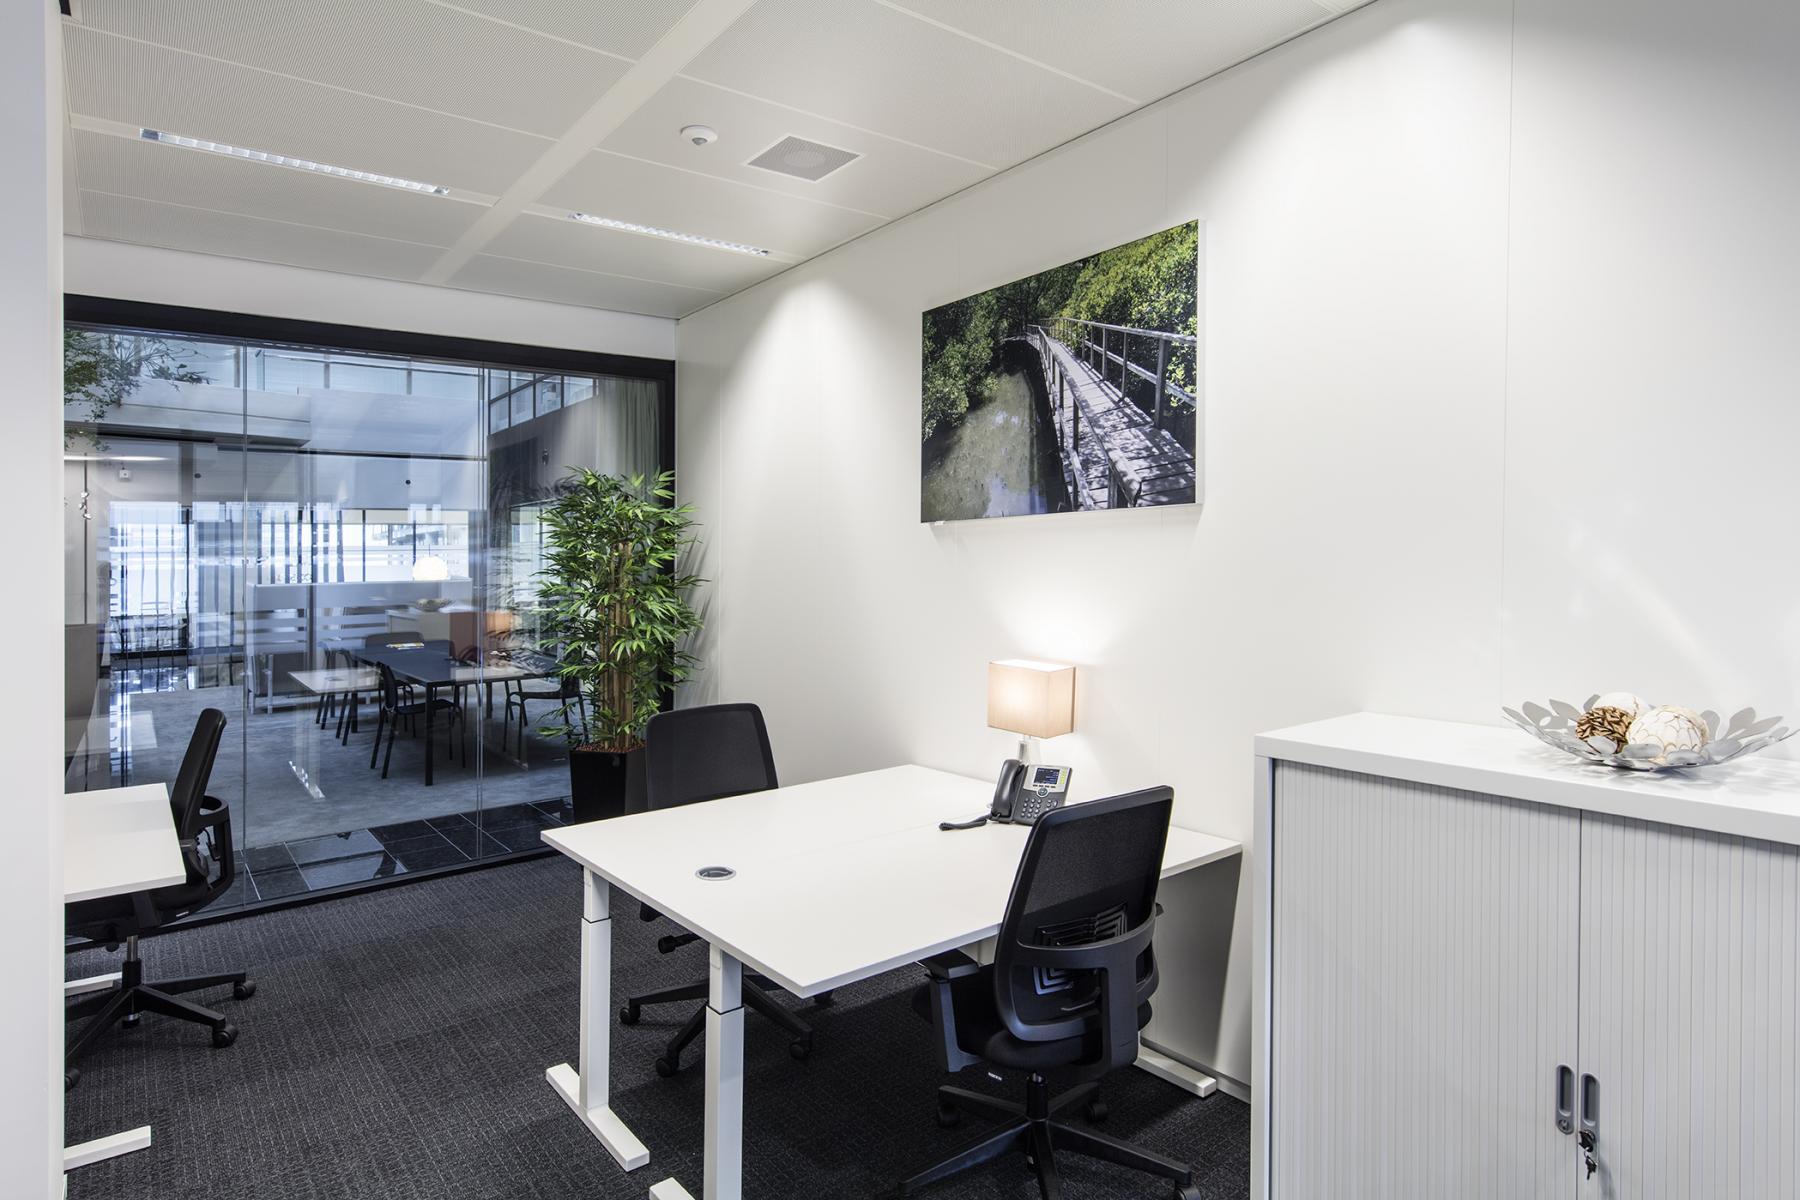 meubilair schilderij kast plant kantoor